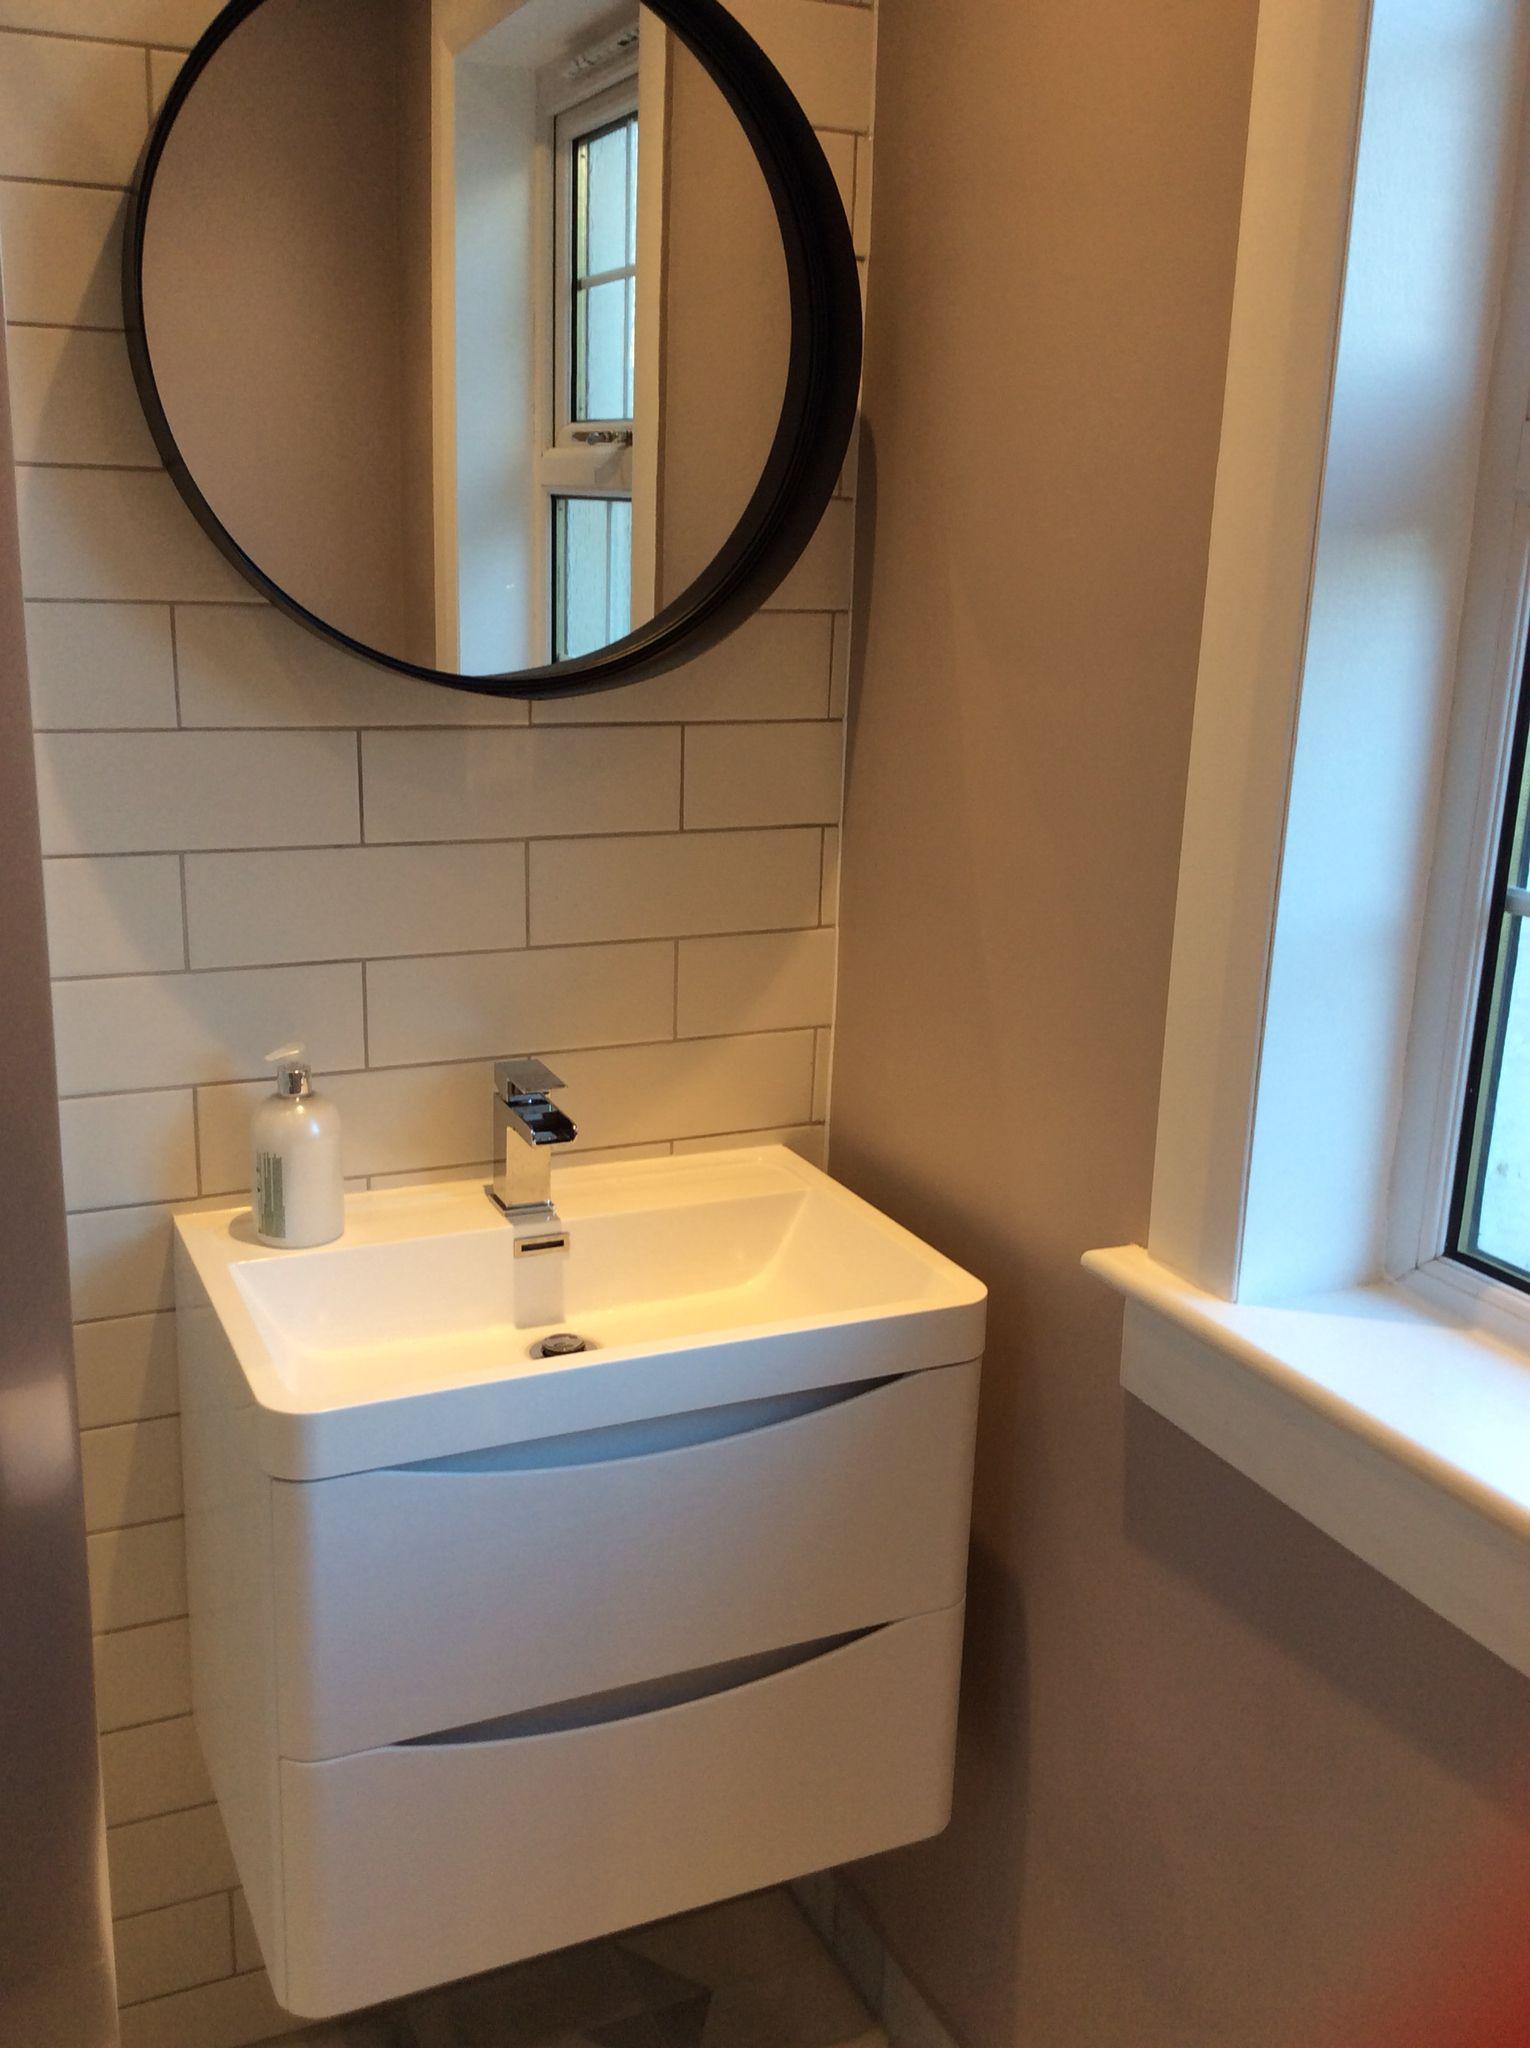 Sink Victoria plumb, mirror - maisonettes du monde, tiles - tops ...